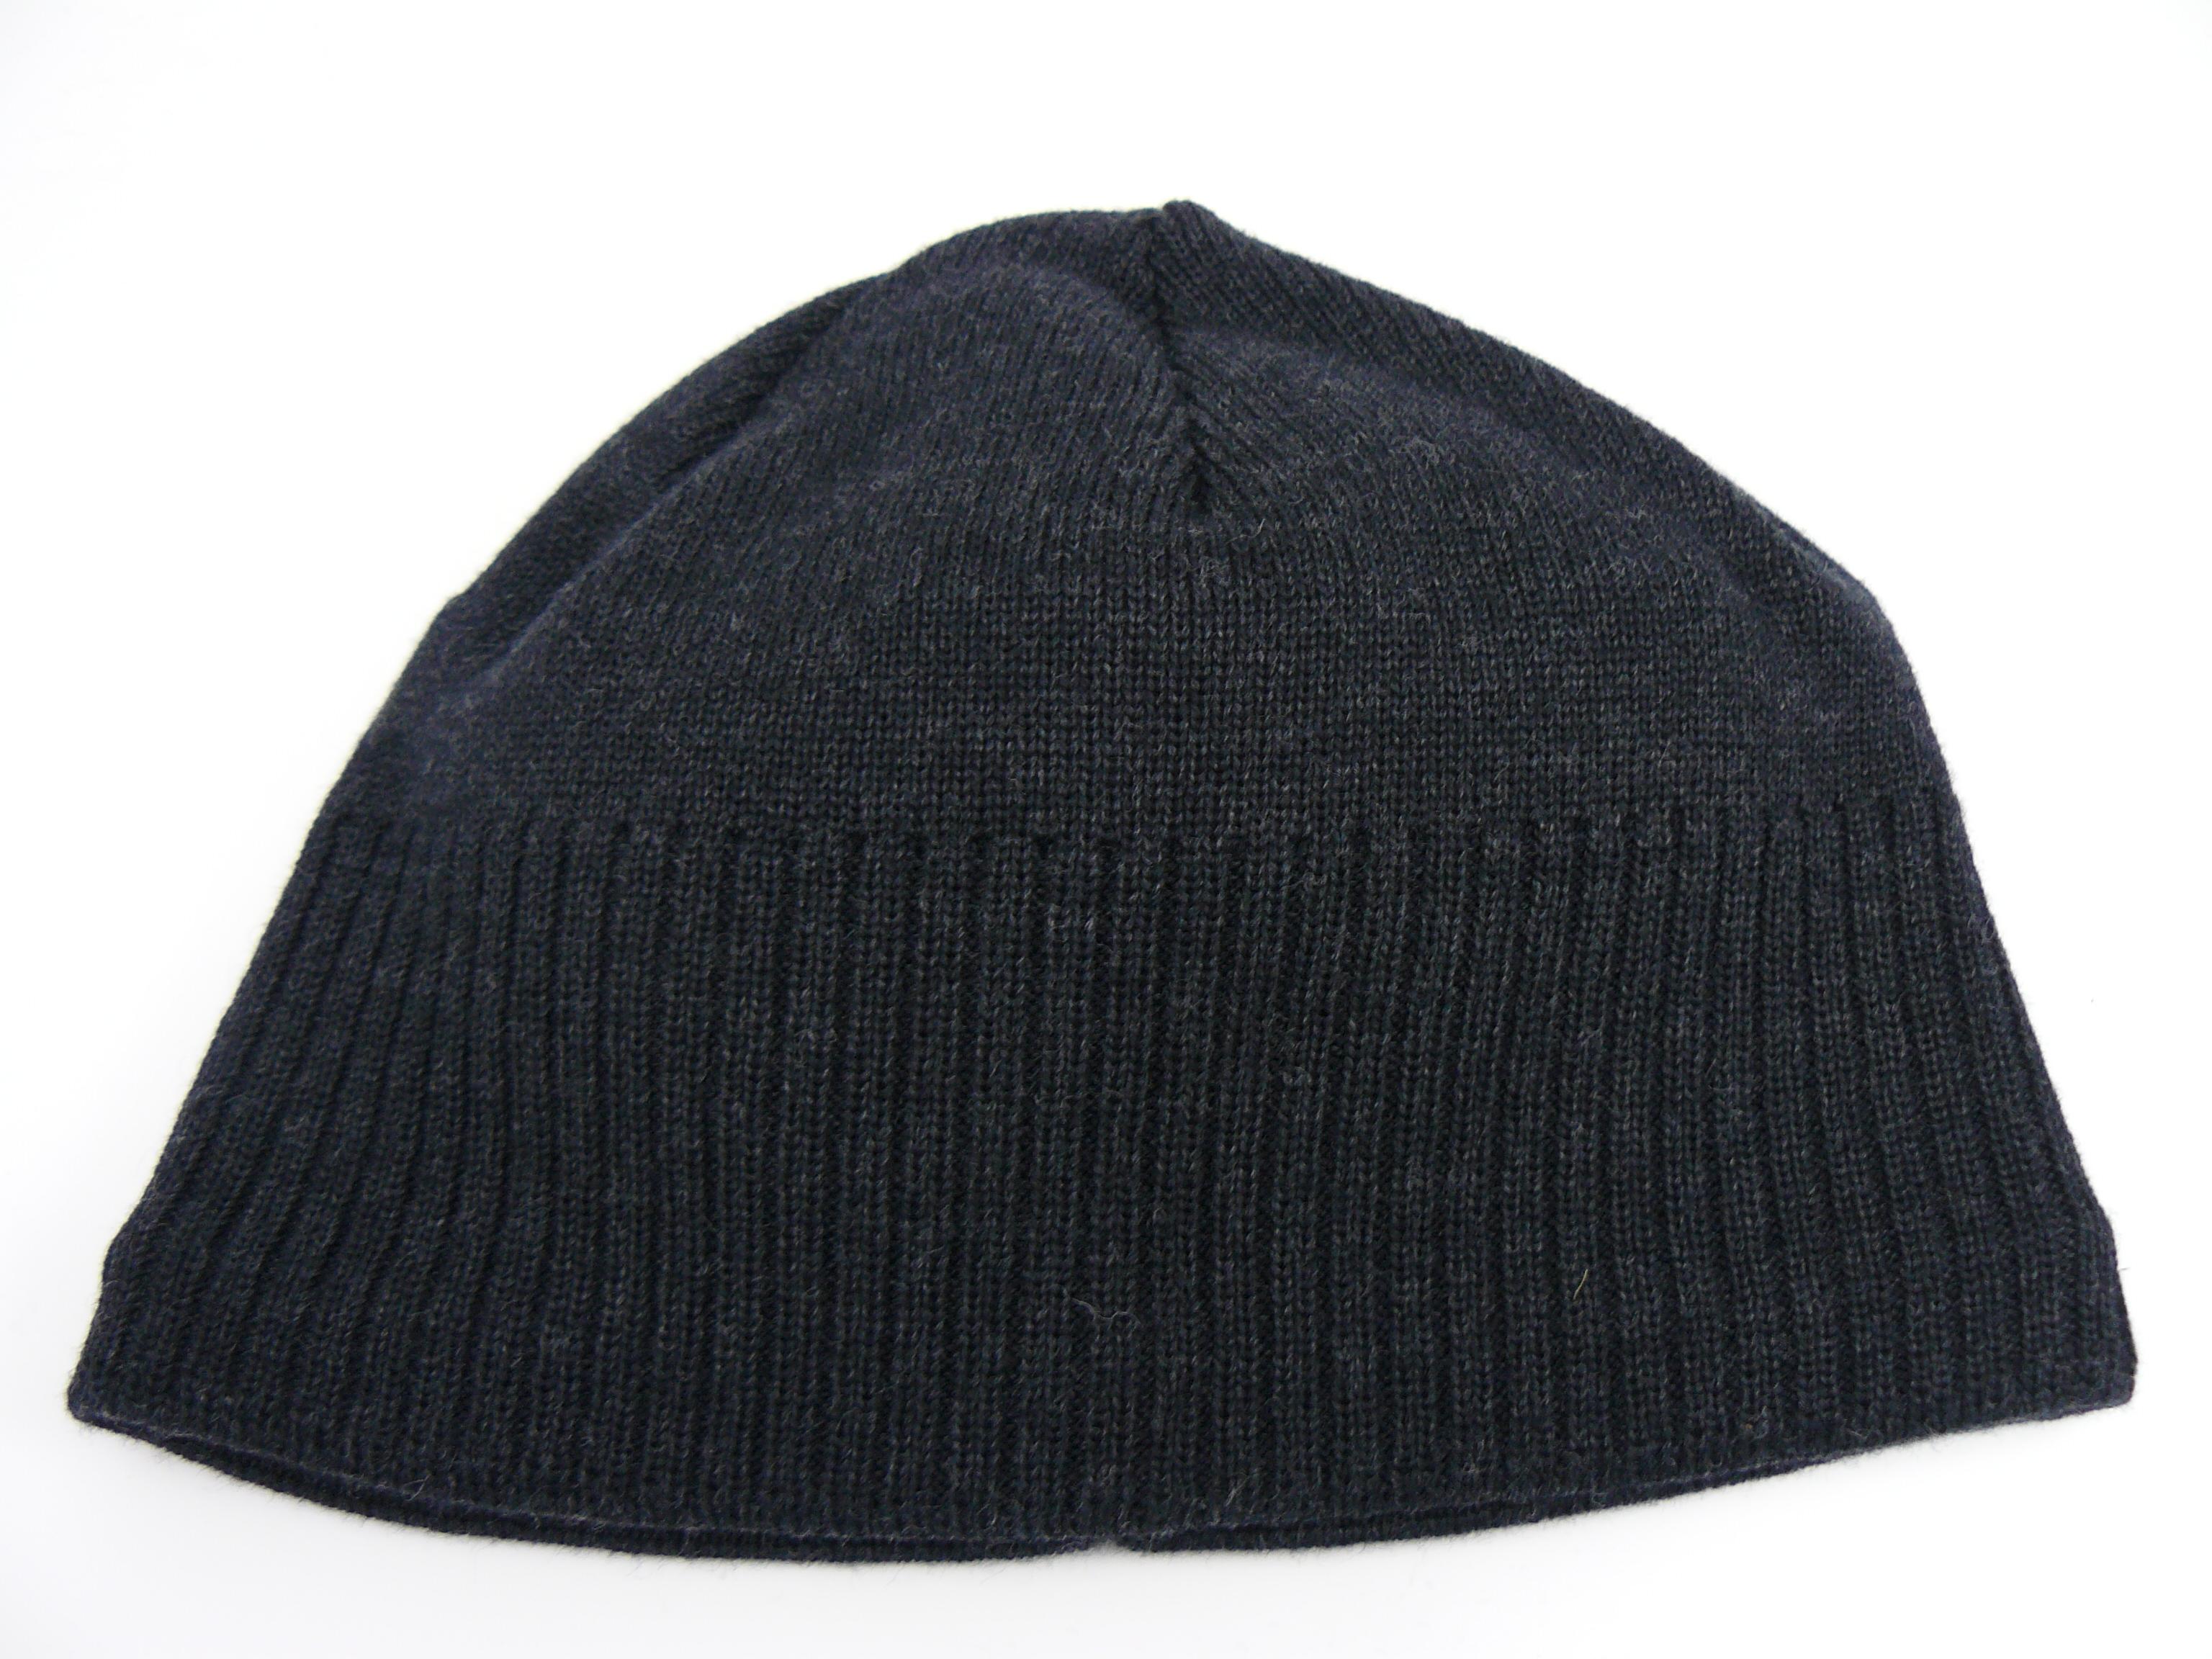 Balke Feinstrickmütze Merino schwarz Wollmütze Beanie Mütze